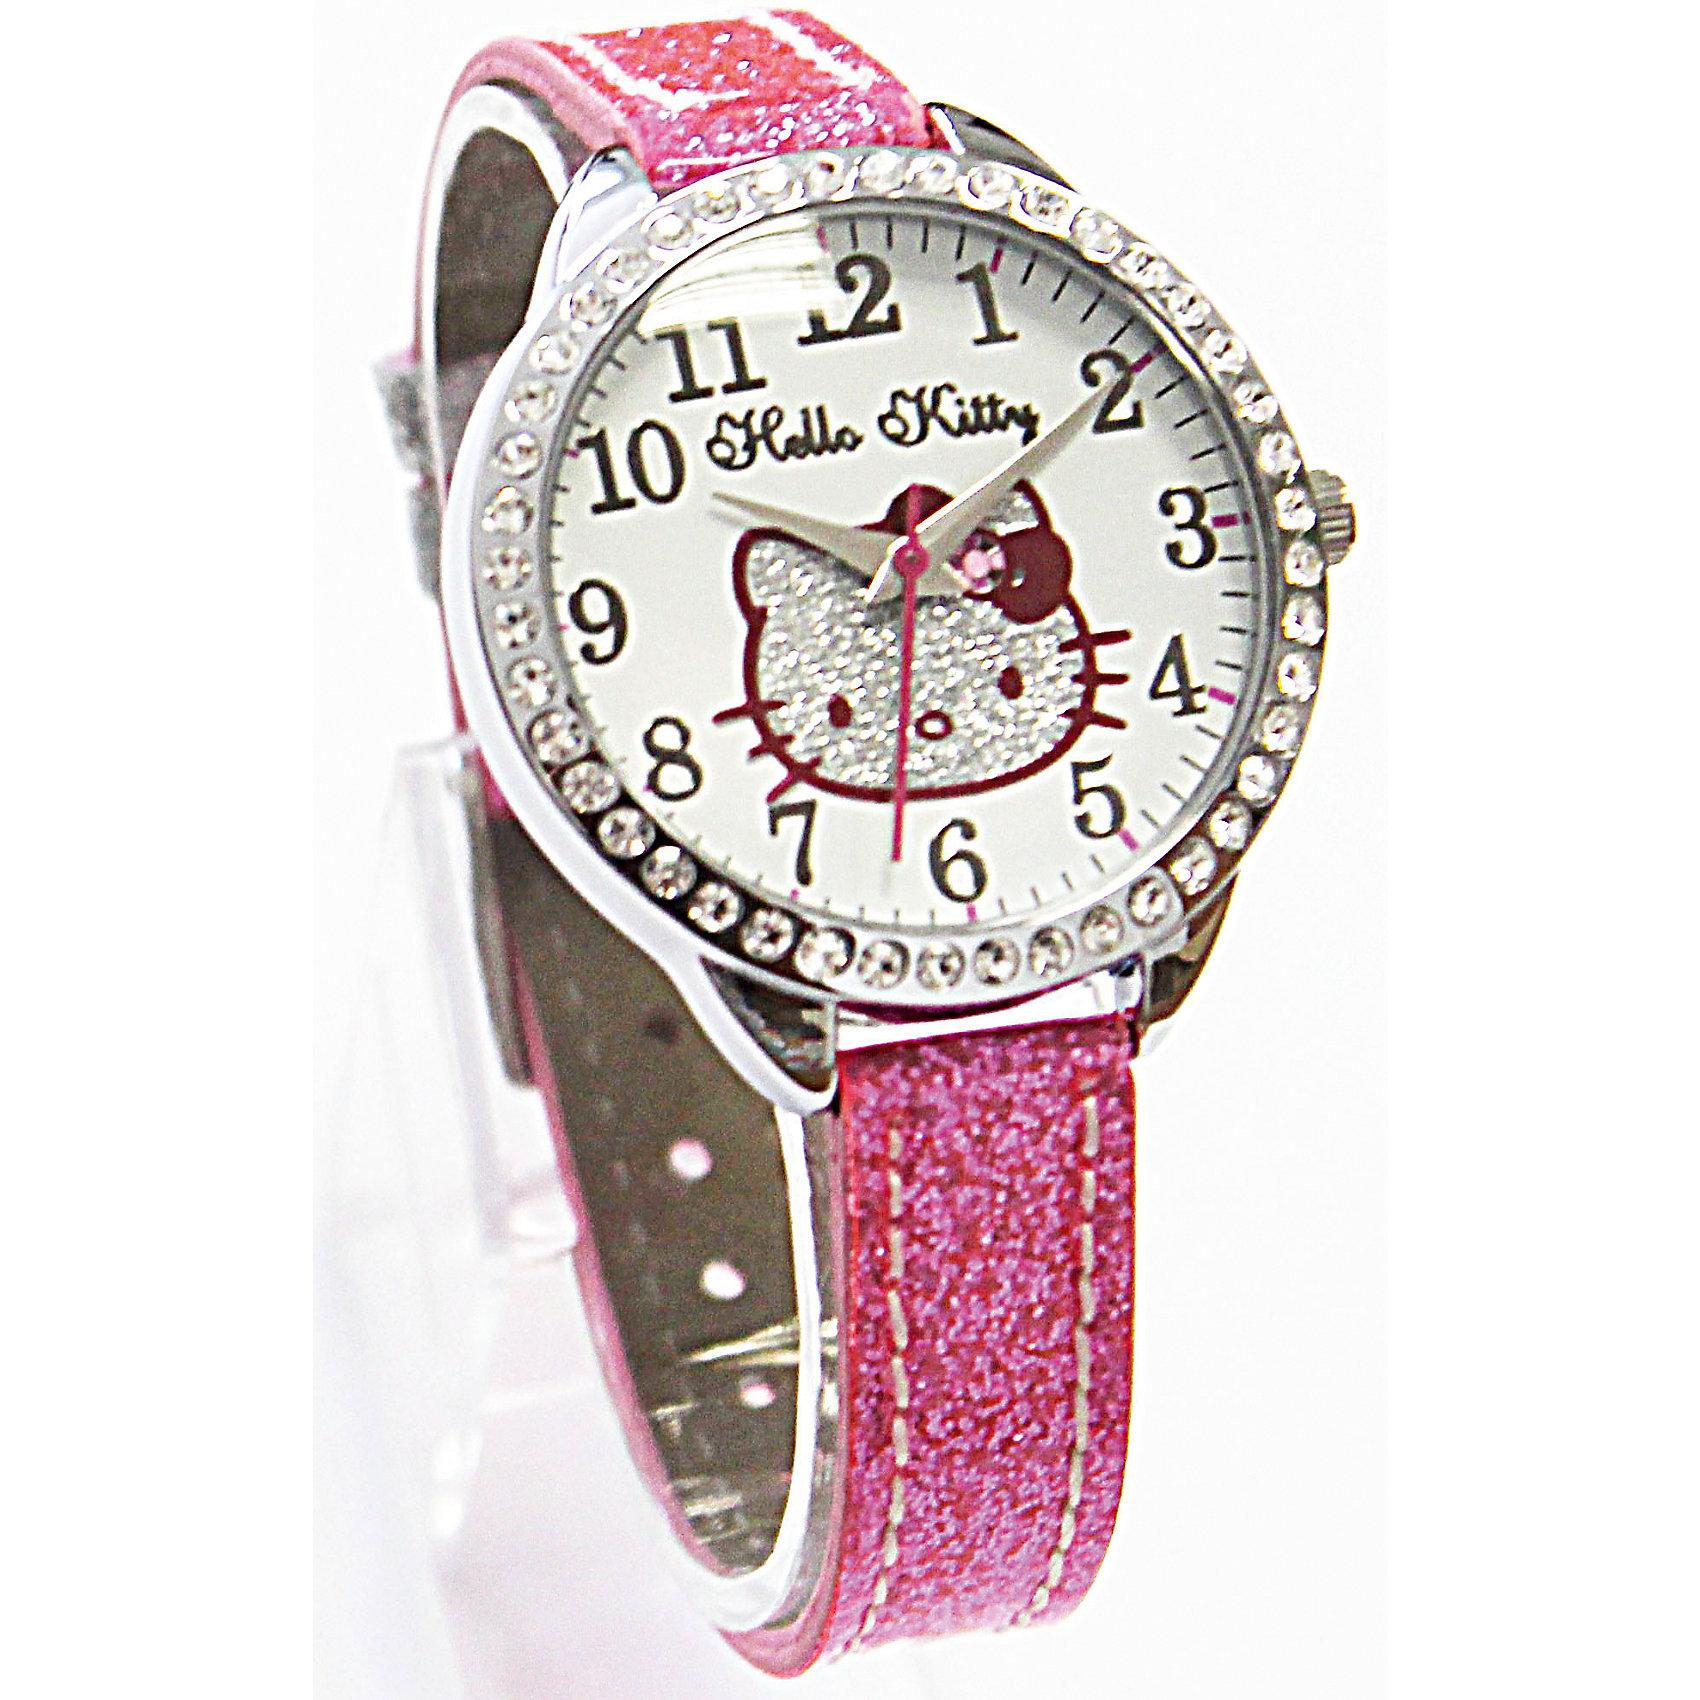 Часы наручные аналоговые, Hello KittyHello Kitty<br>Эксклюзивные наручные аналоговые часы торговой марки Hello Kitty выполнены по индивидуальному дизайну ООО «Детское Время» и лицензии компании Sanrio. Обилие деталей - декоративных элементов (страз, мерцающих ремешков), надписей,  уникальных изображений - делают изделие тщательно продуманным творением мастеров. Часы имеют высококачественный японский кварцевый механизм и отличаются надежностью и точностью хода. Часы водоустойчивы и обладают достаточной герметичностью, чтобы спокойно перенести случайный и незначительный контакт с жидкостями (дождь, брызги), но они не предназначены для плавания или погружения в воду. Циферблат защищен от повреждений прочным минеральным стеклом. Корпус часов выполнен из стали,  задняя крышка из нержавеющей стали. Материал браслета: искусственная кожа. Единица товара упаковывается в стильную подарочную коробочку. Неповторимый стиль с изобилием насыщенных и в тоже время нежных гамм; надежность и прочность изделия позволяют говорить о нем только в превосходной степени!<br><br>Ширина мм: 55<br>Глубина мм: 10<br>Высота мм: 250<br>Вес г: 22<br>Возраст от месяцев: 36<br>Возраст до месяцев: 72<br>Пол: Женский<br>Возраст: Детский<br>SKU: 5529341